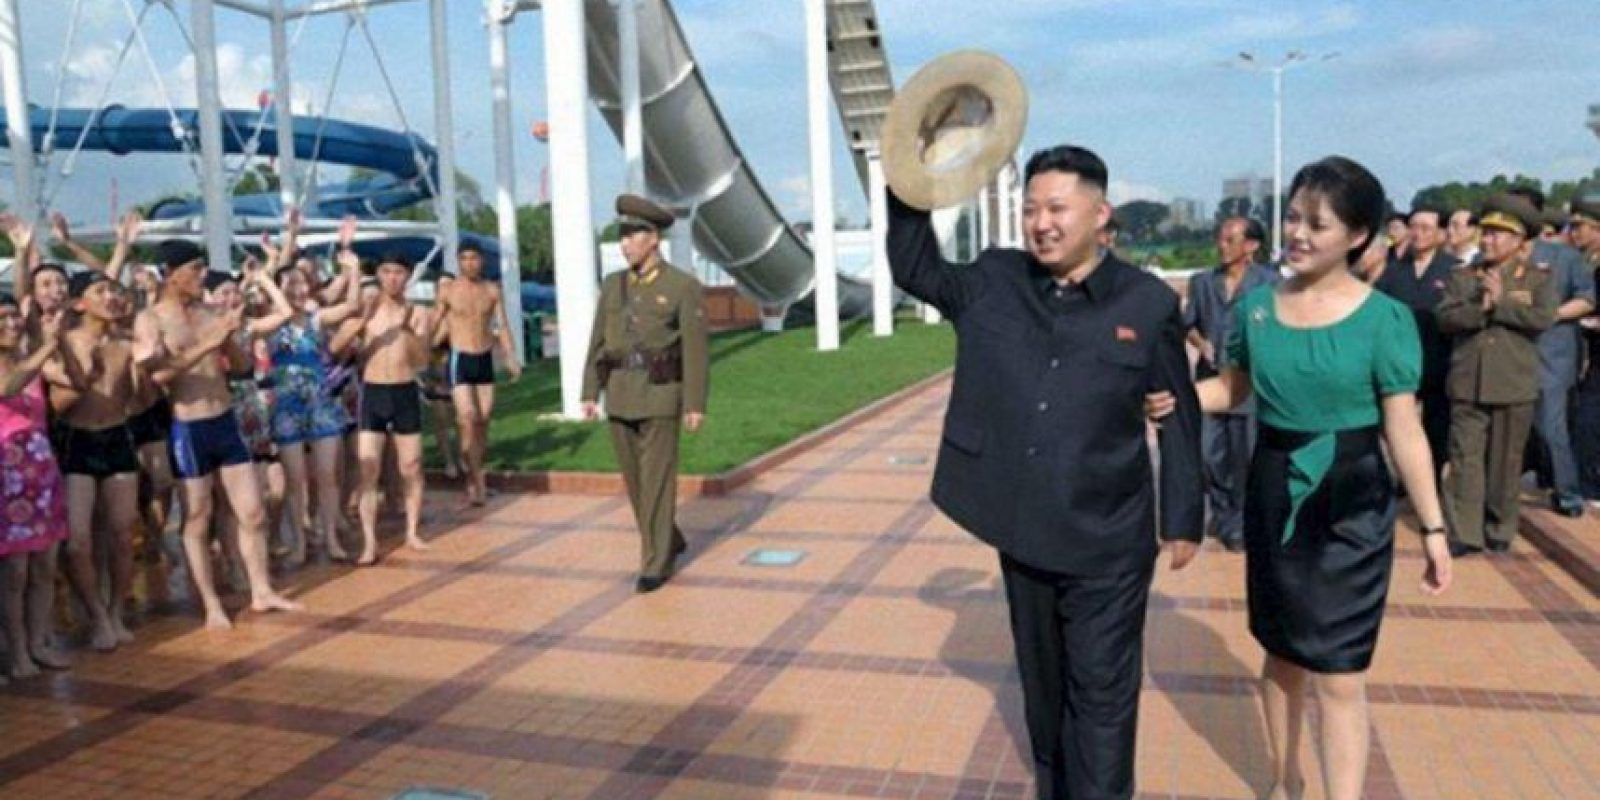 Fotografía tomada de la web de la agencia de noticias oficial de Corea del Norte hoy, jueves 26 de julio de 2012, muestra al líder norcoreano, Kim Jong-un (i), caminando junto a su esposa, Ri Sol-ju (d), en un parque en Pyongyang (Corea del Norte). EFE